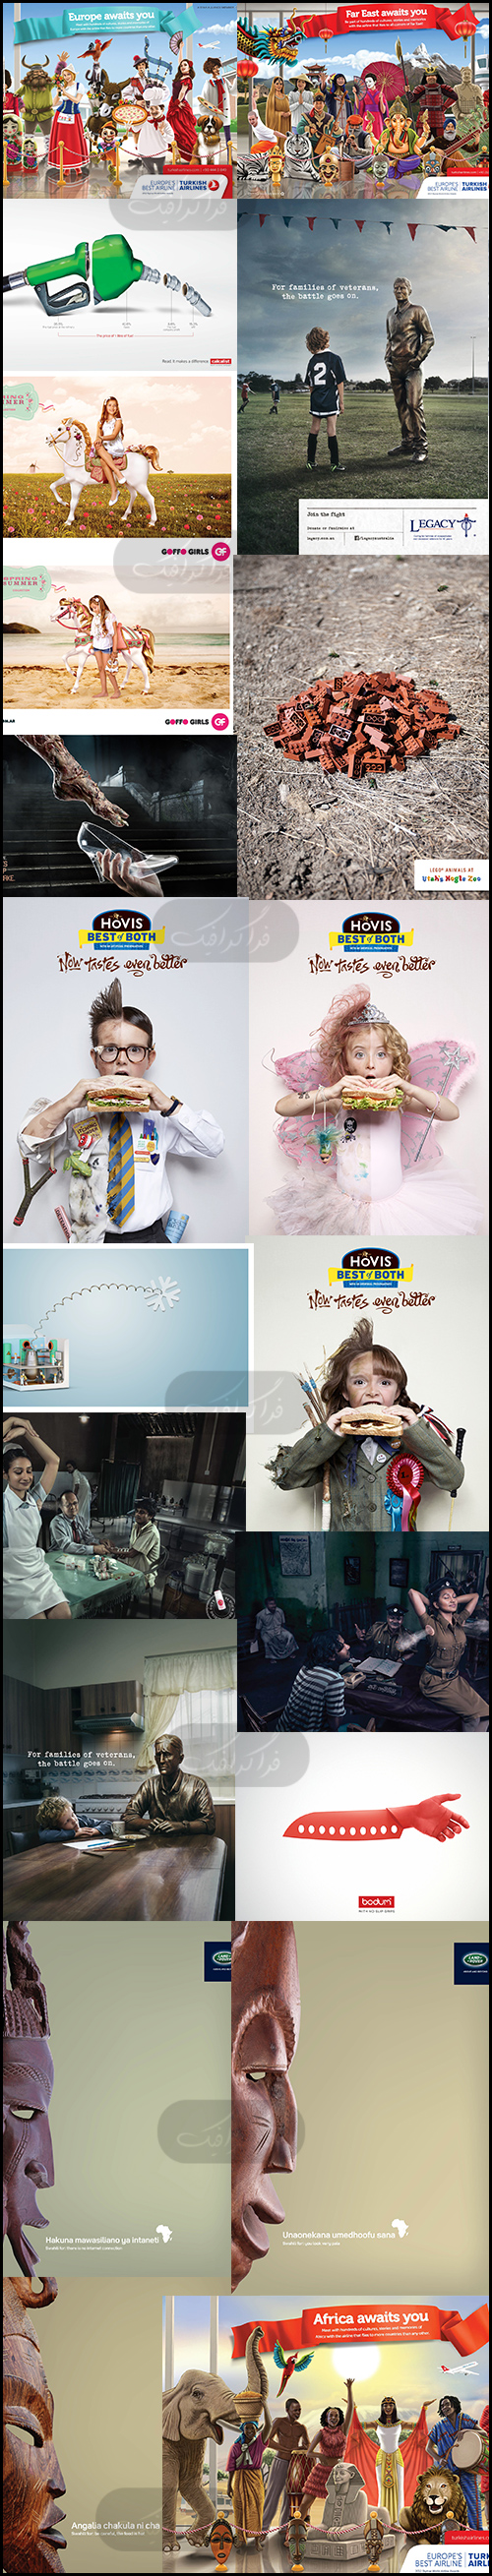 دانلود تصاویر تبلیغاتی خلاقانه - شماره 17